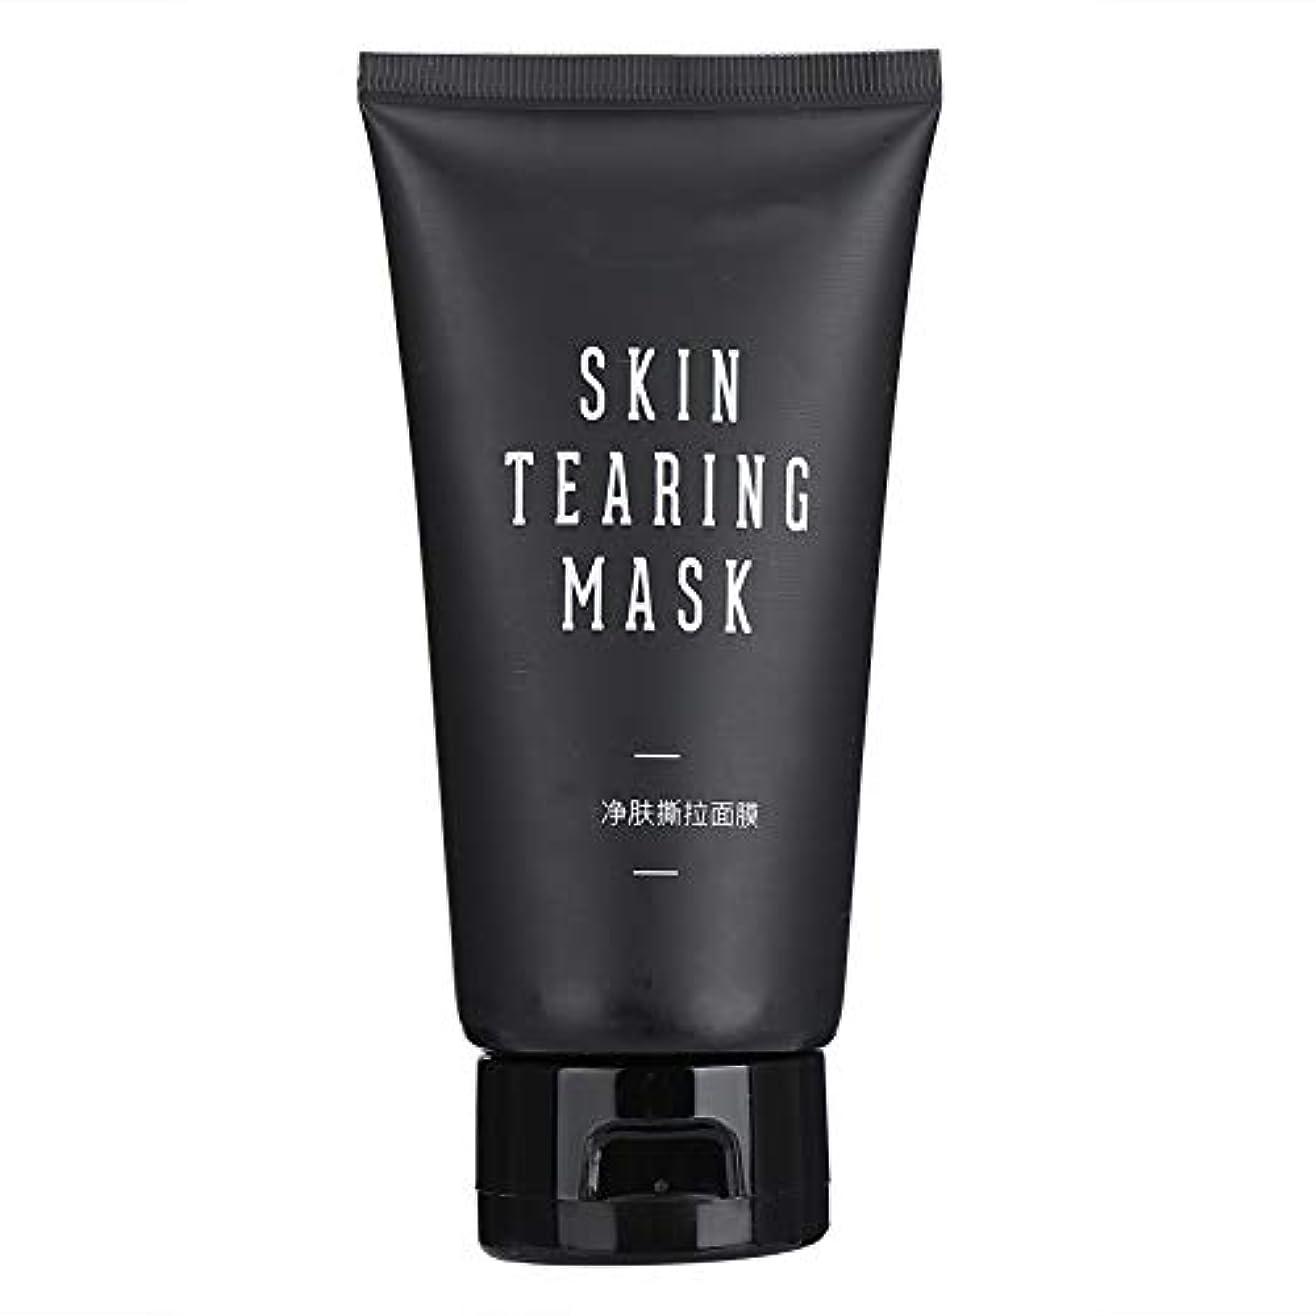 節約ちょっと待って識字角質除去クレンジングマスク、にきびの除去角質除去マスク、ポロスクリーニングアスコットの修復 - 80 g